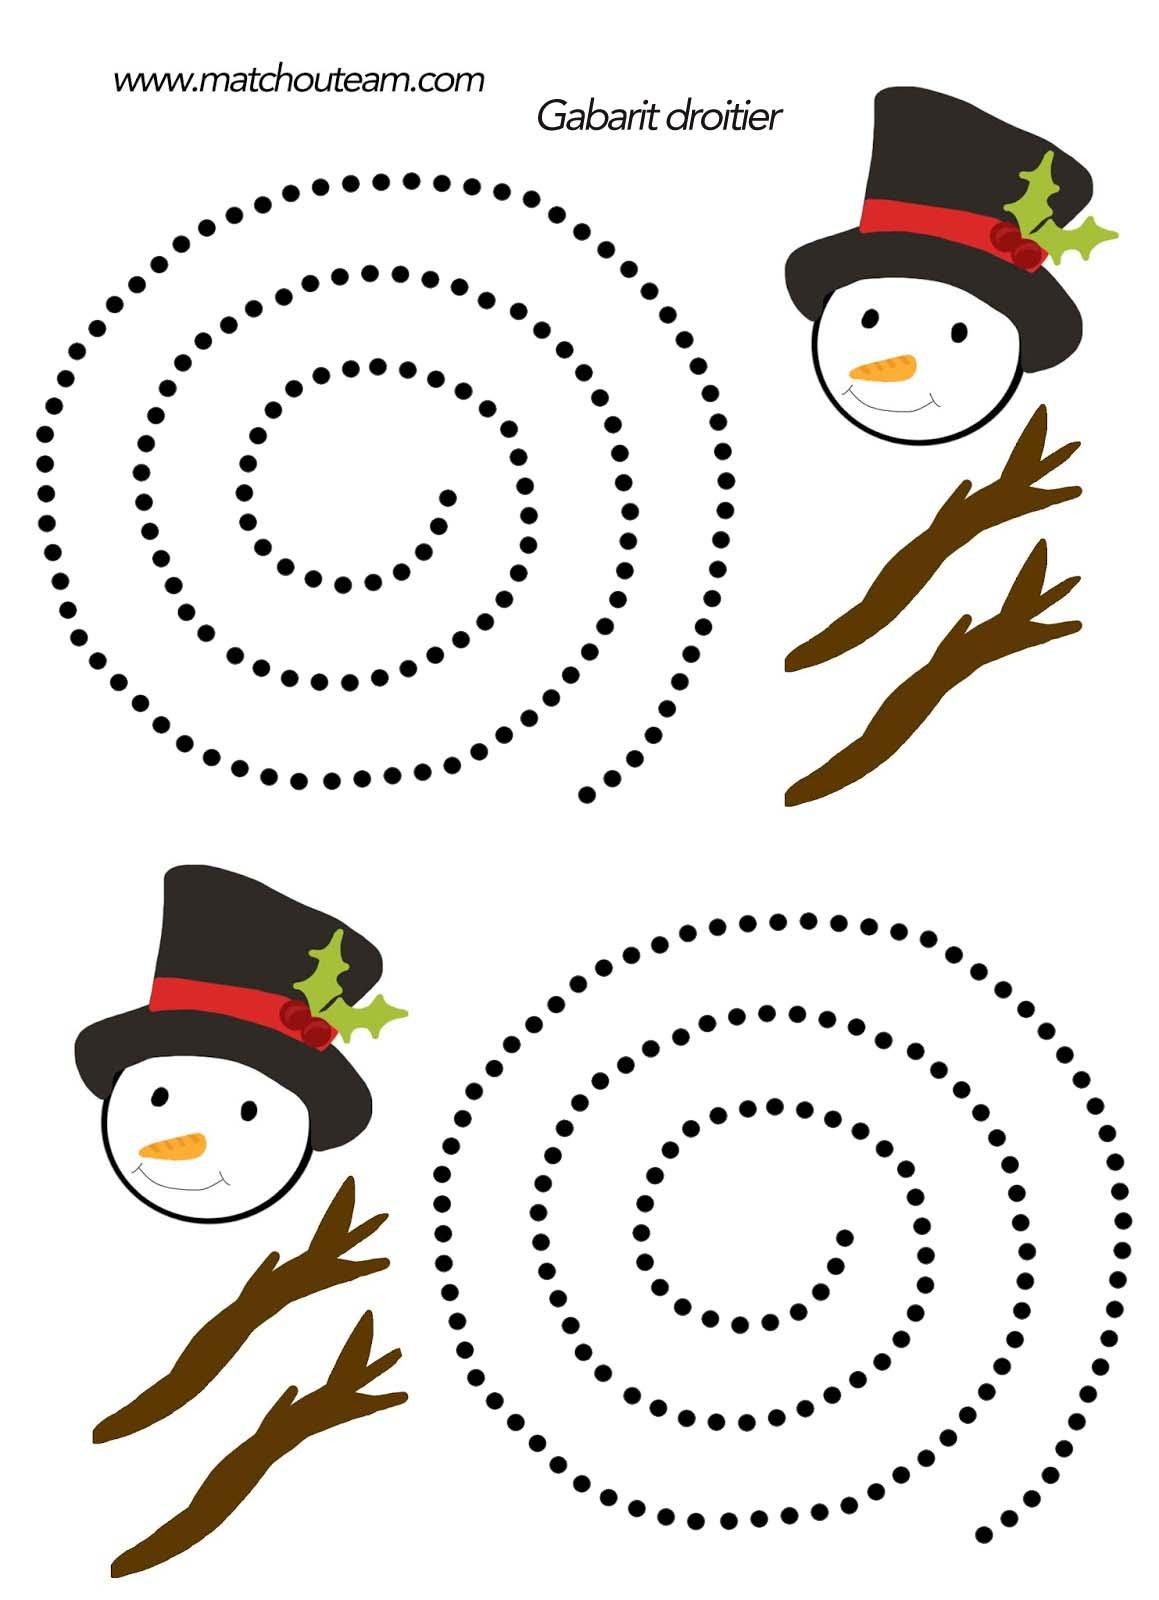 bonhomme de neige droitier.jpg